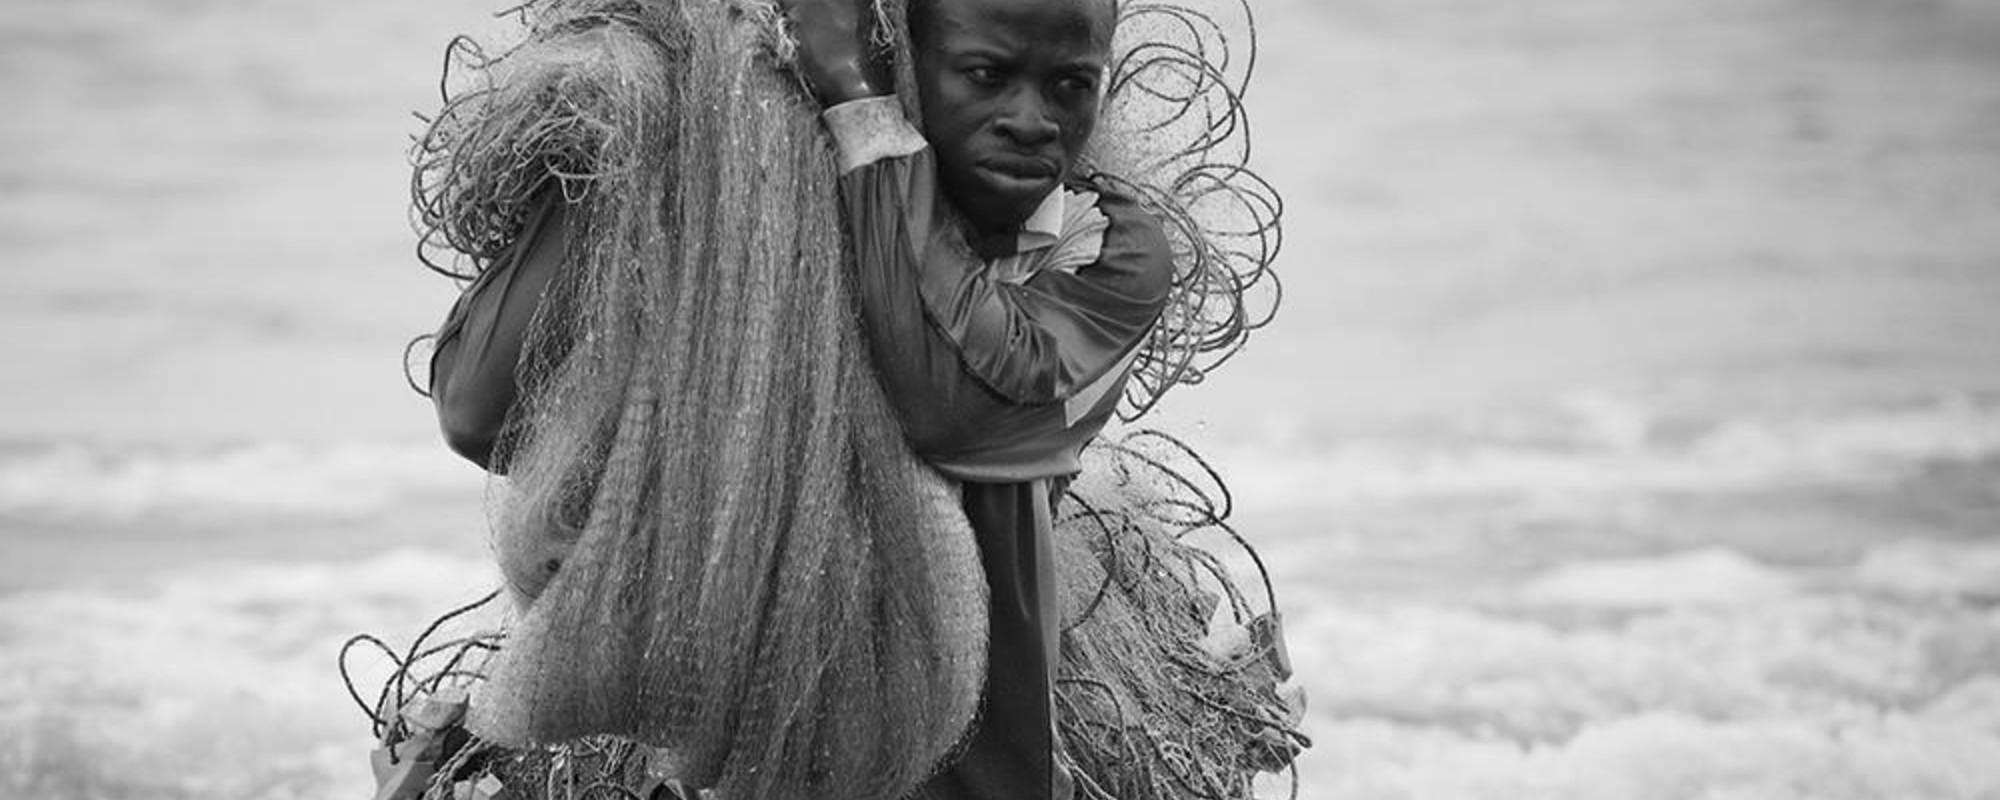 De vissers van Ghana